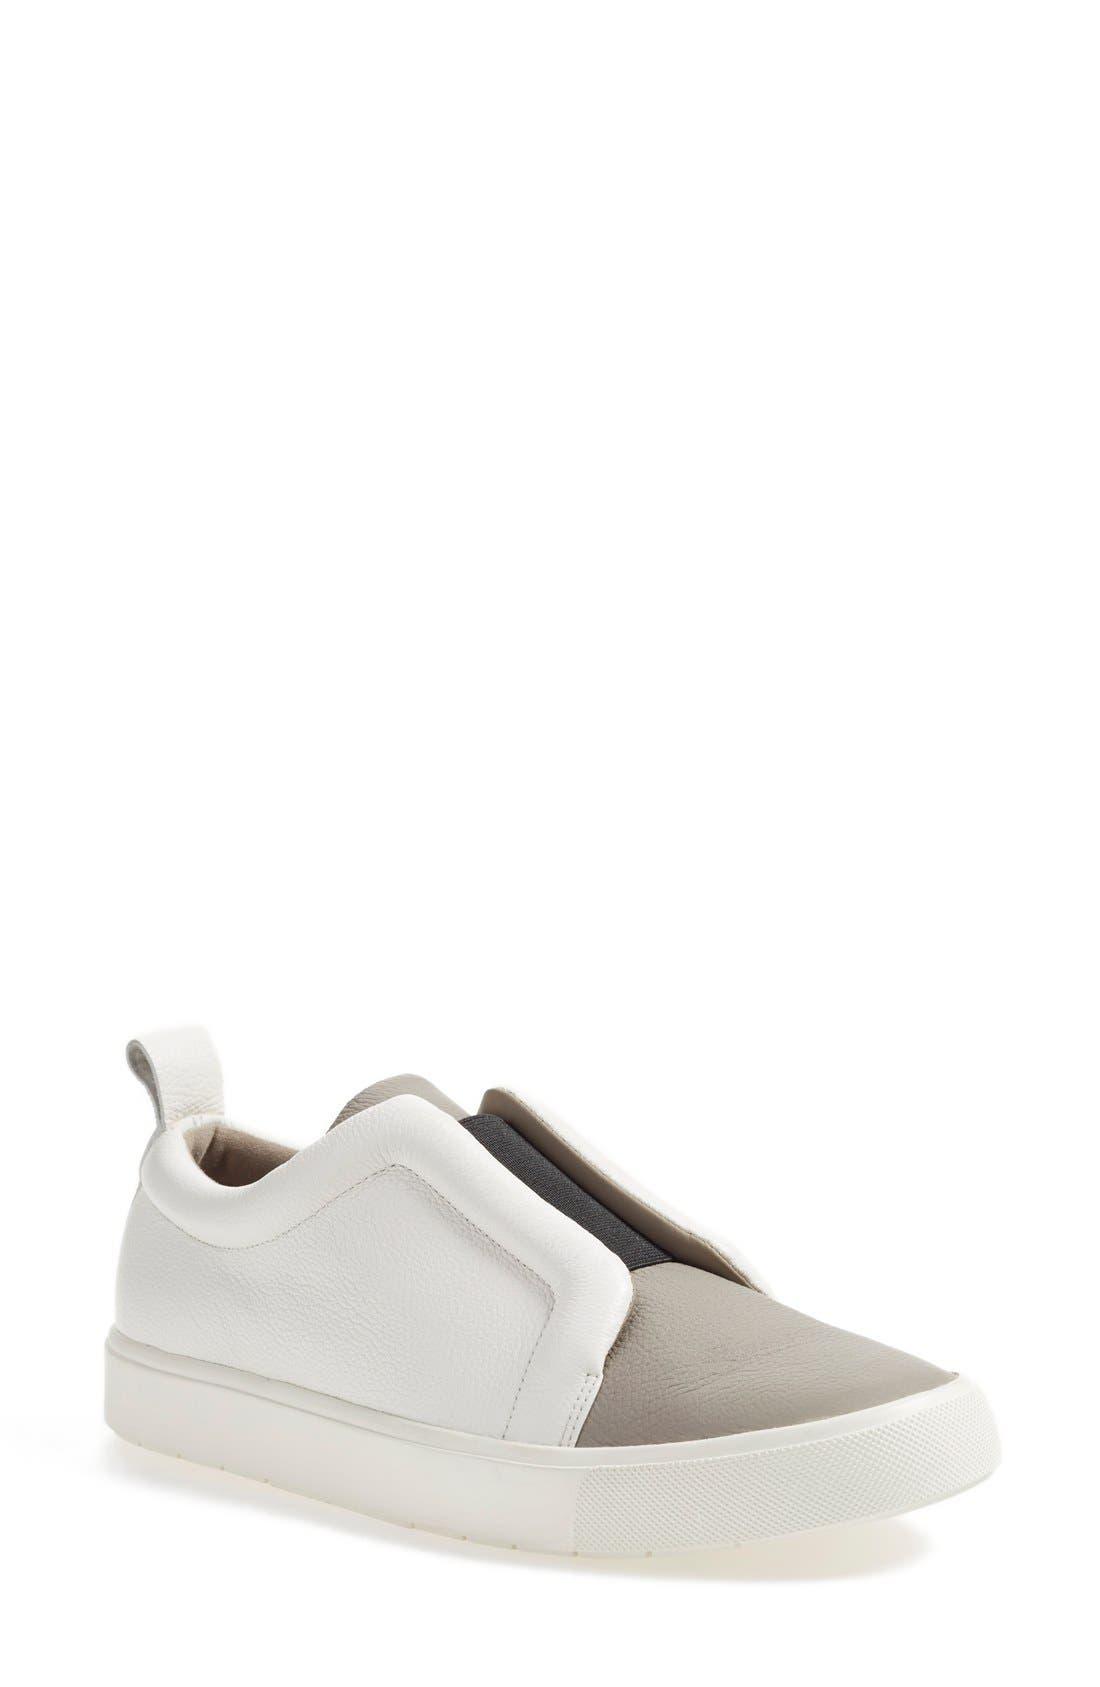 'Caden' Slip-On Sneaker,                             Main thumbnail 1, color,                             029